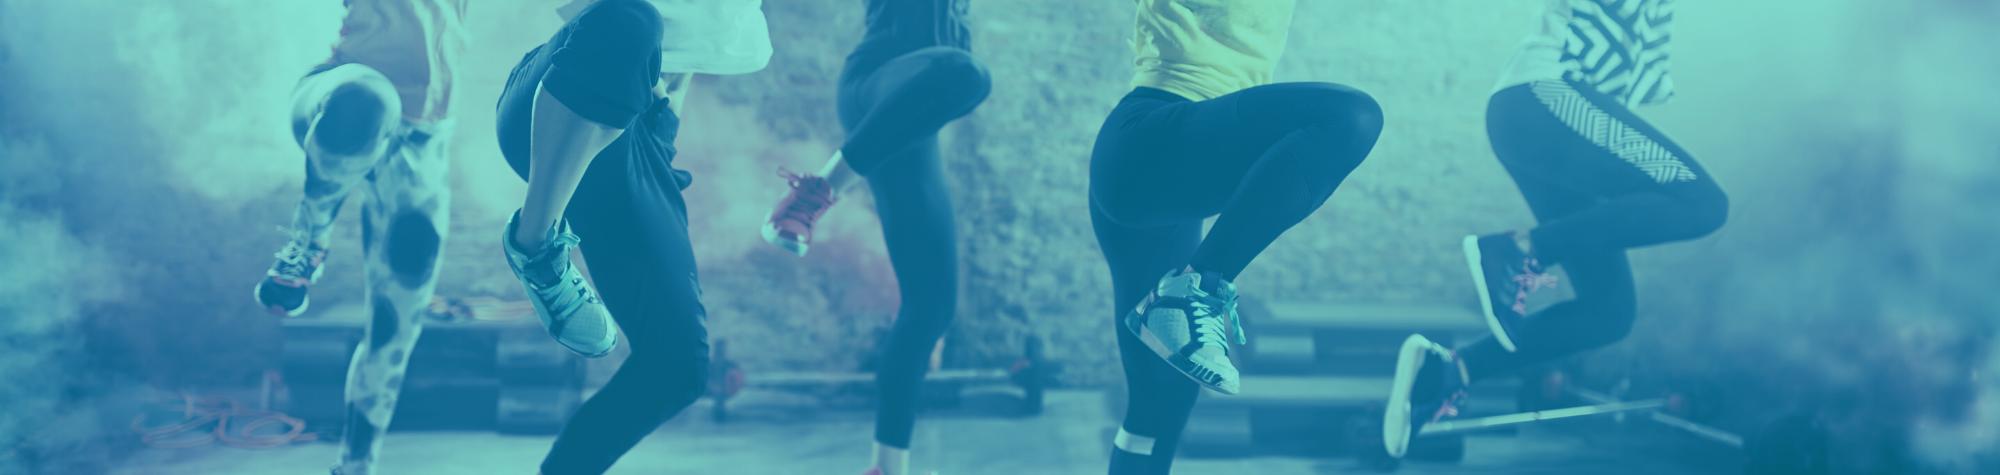 Nuovi corsi di reggaeton e di fitness latino a Padova